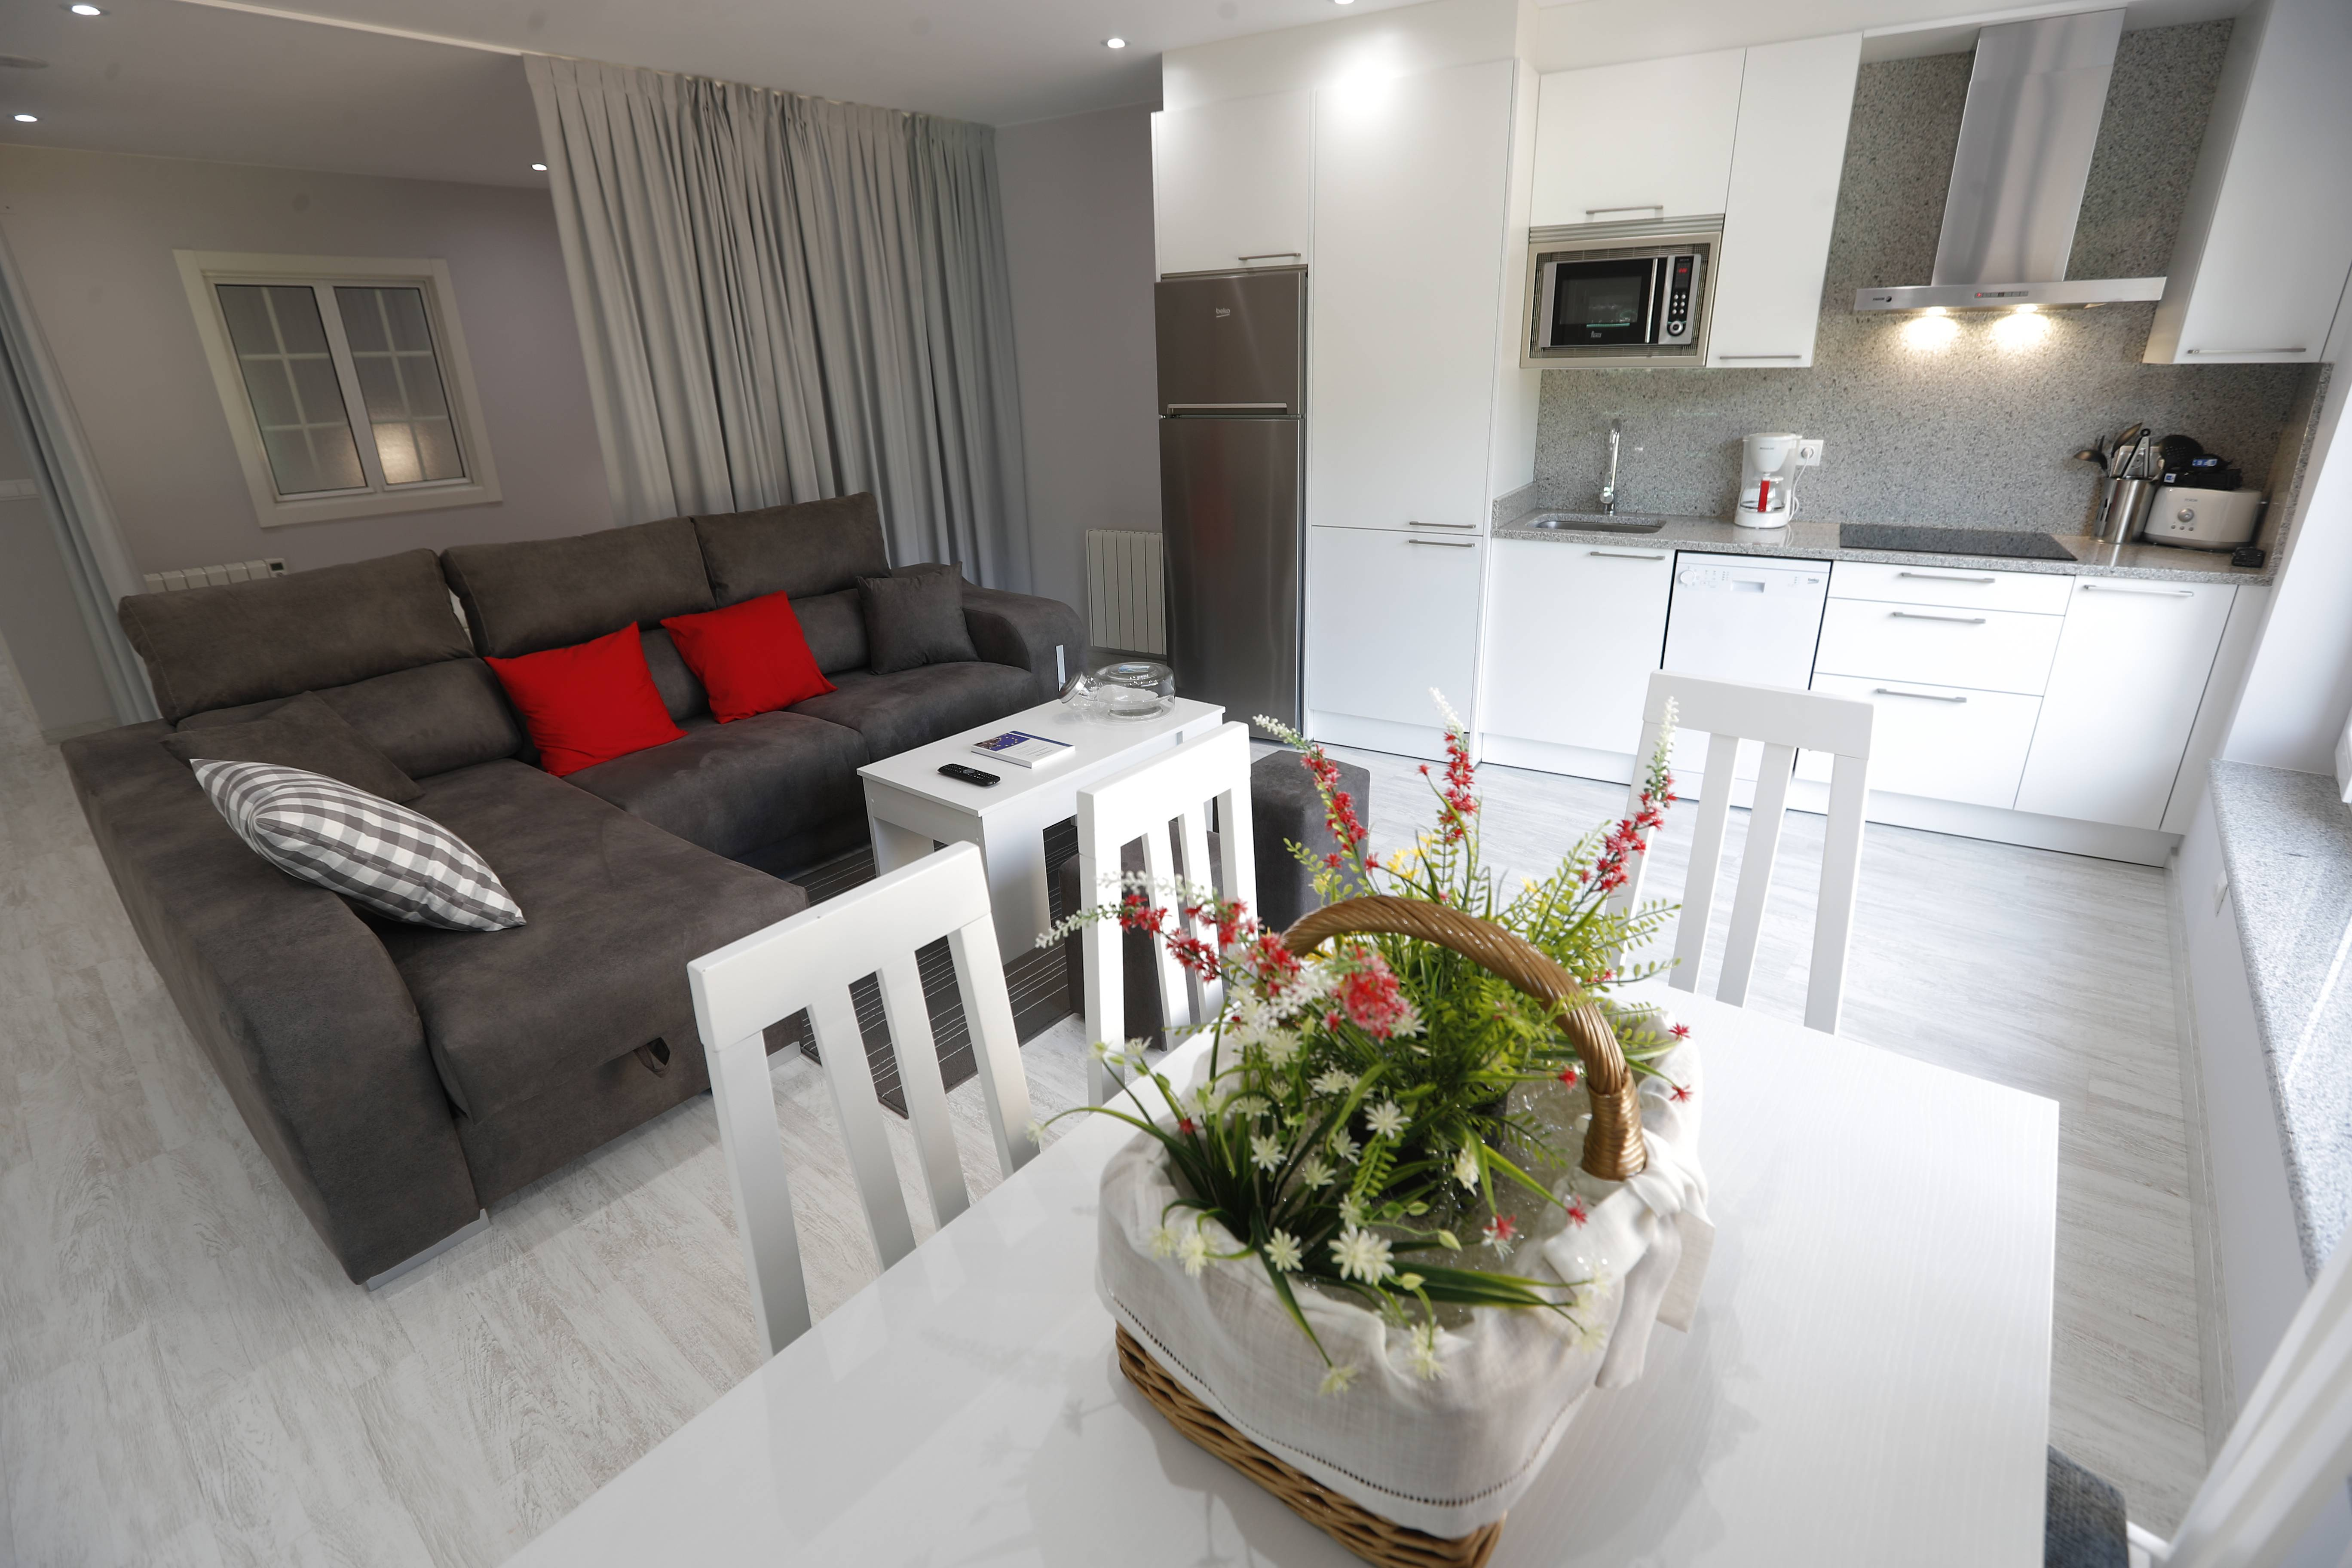 Alquiler Vacaciones Apartamentos Y Casas Rurales En Dumbr A A  # Muebles Lado Cee